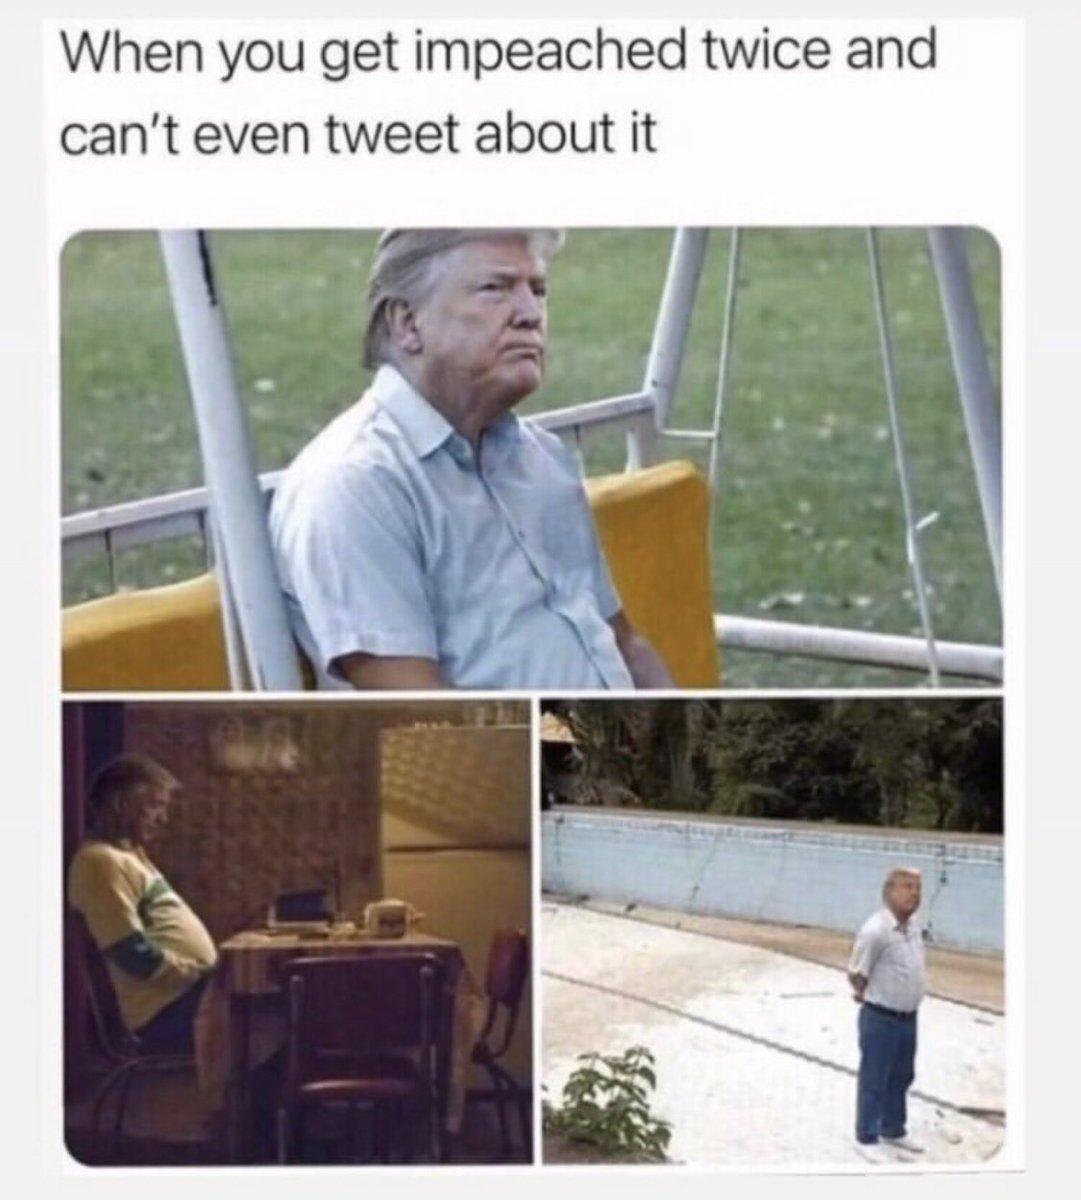 😂 #ImpeachedTwice #Trump #ImpeachmentDay #ImpeachTrump